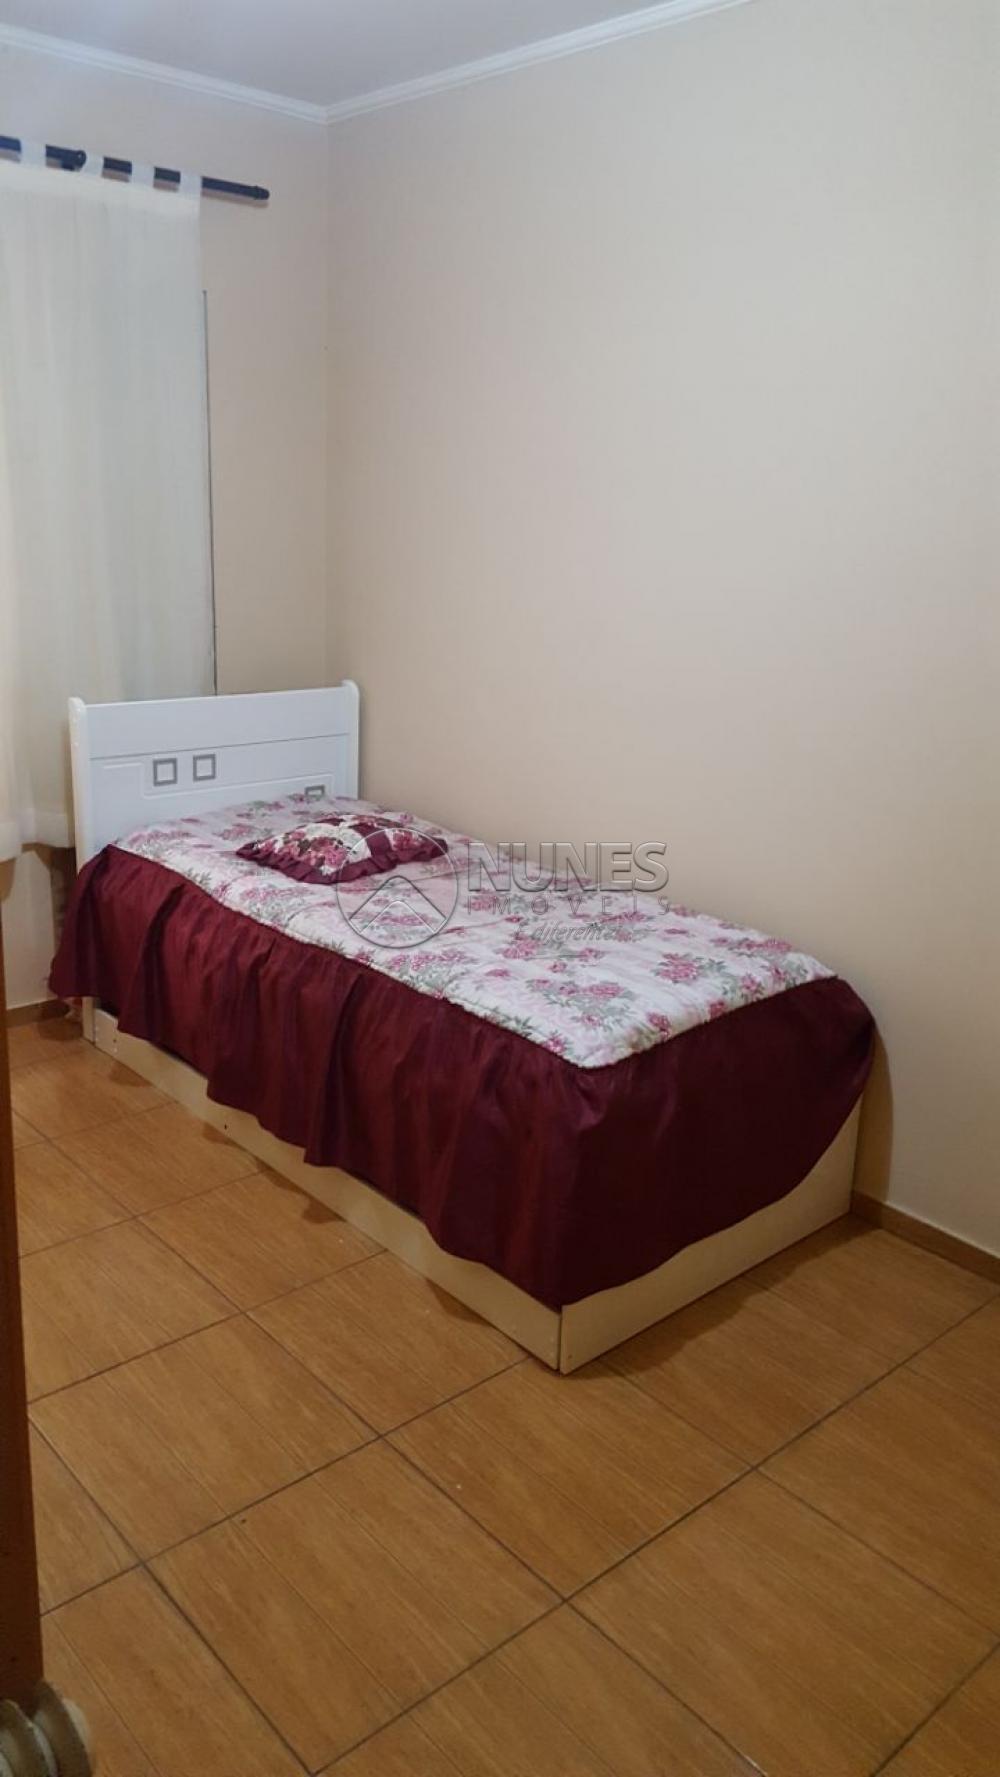 Comprar Casa / Terrea em Osasco apenas R$ 410.000,00 - Foto 6